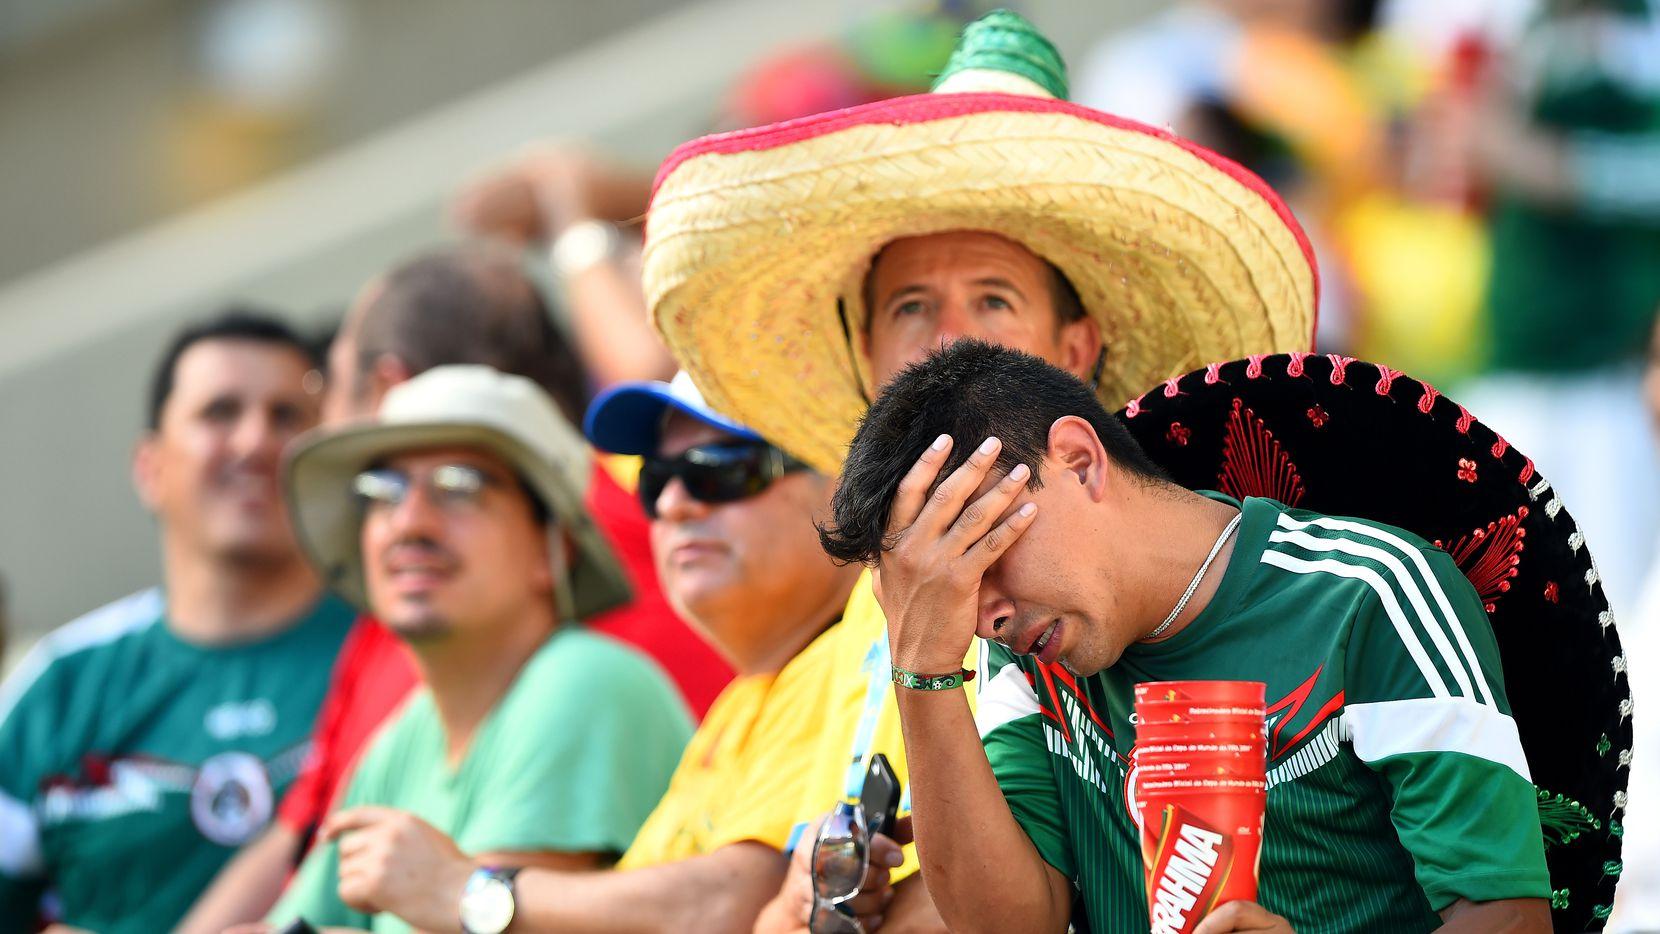 Tras el castigo anunciado por FIFA, los aficionados de la selección mexicana no tendrán acceso a dos partidos del Tri en territorio mexicano.